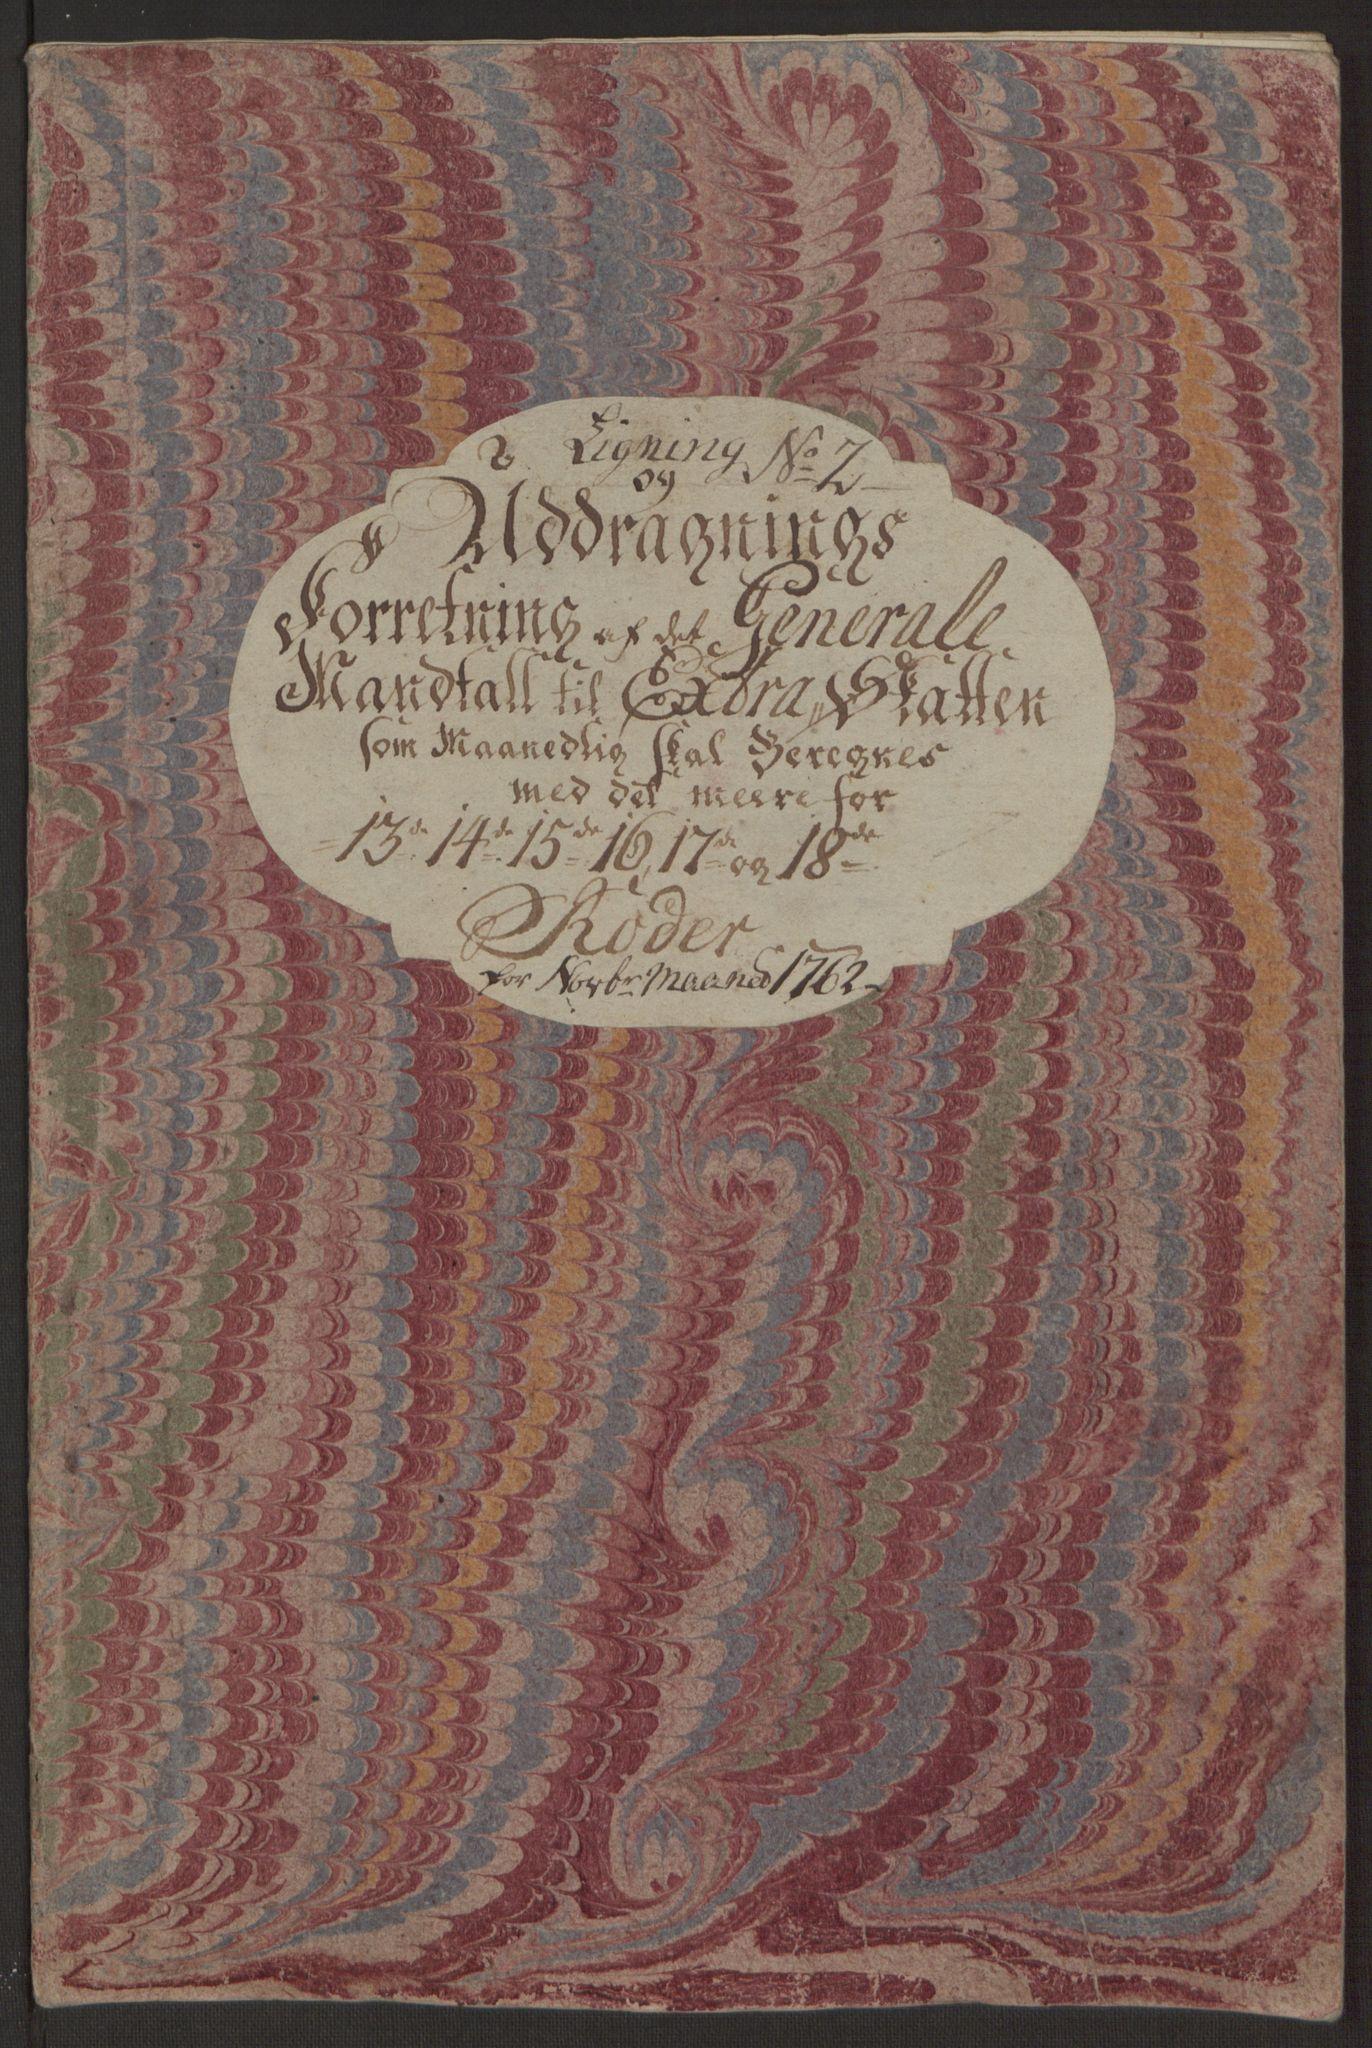 RA, Rentekammeret inntil 1814, Reviderte regnskaper, Byregnskaper, R/Rp/L0365: [P20] Kontribusjonsregnskap, 1762, s. 217